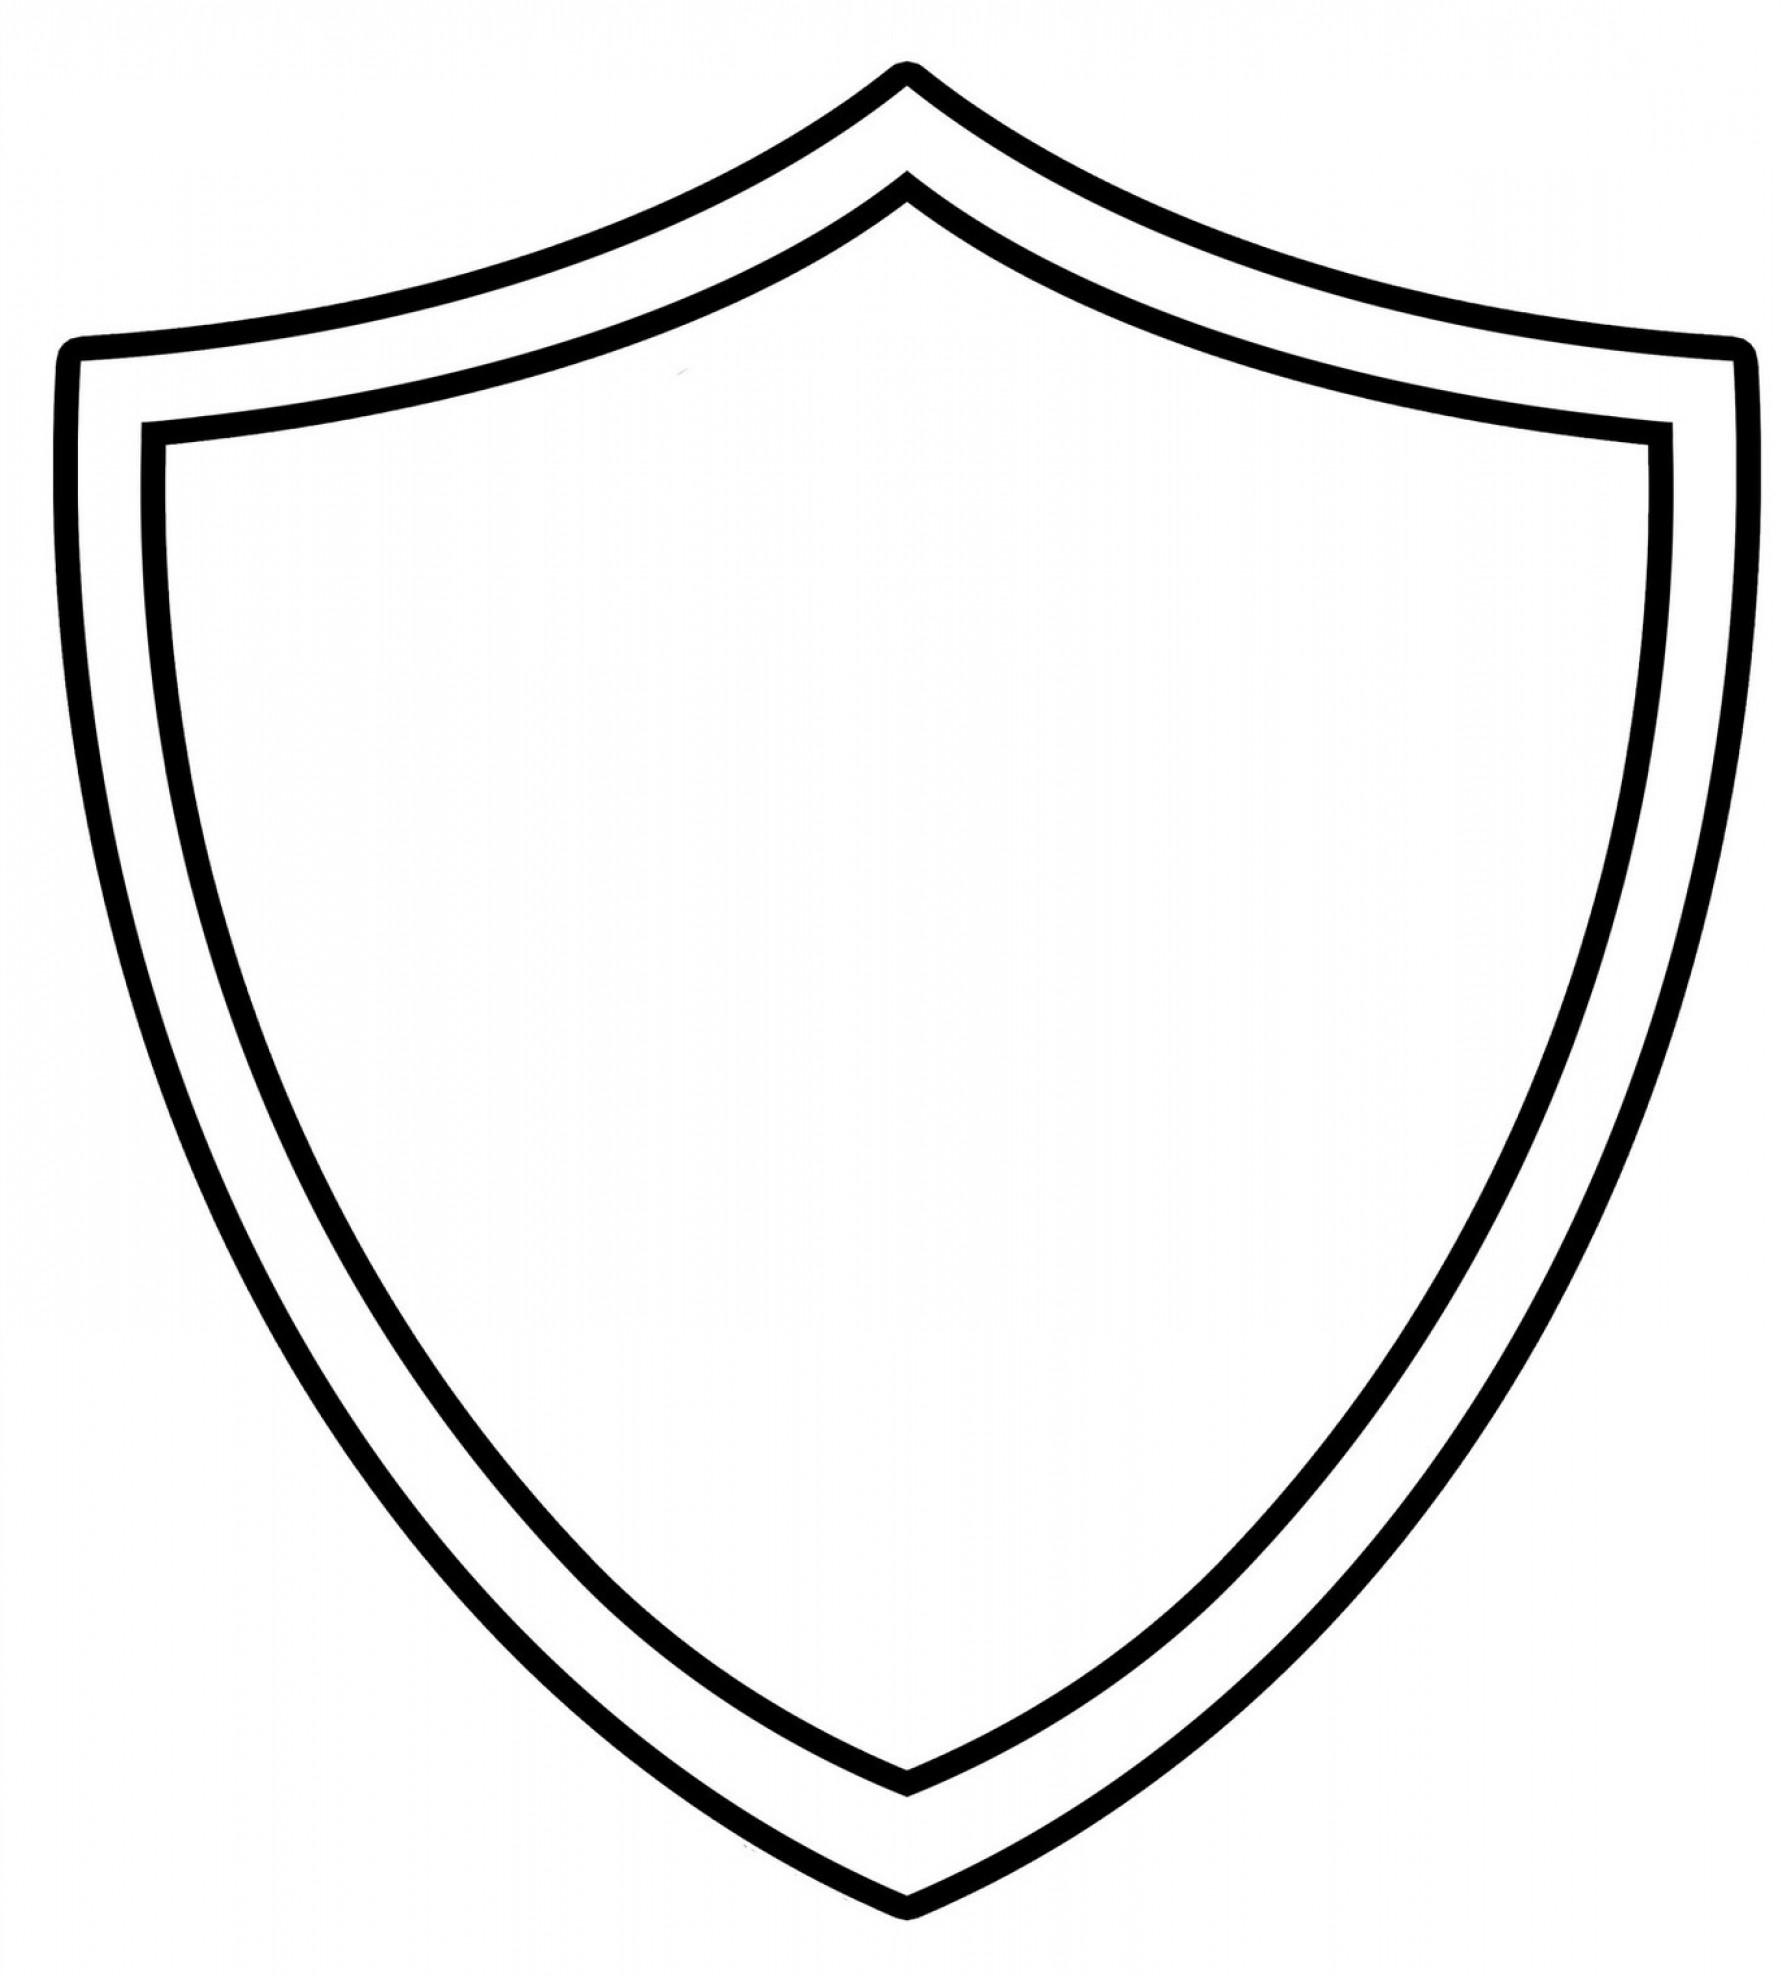 Superman logo outline free download best superman logo outline 1791x1976 superman clipart blank buycottarizona